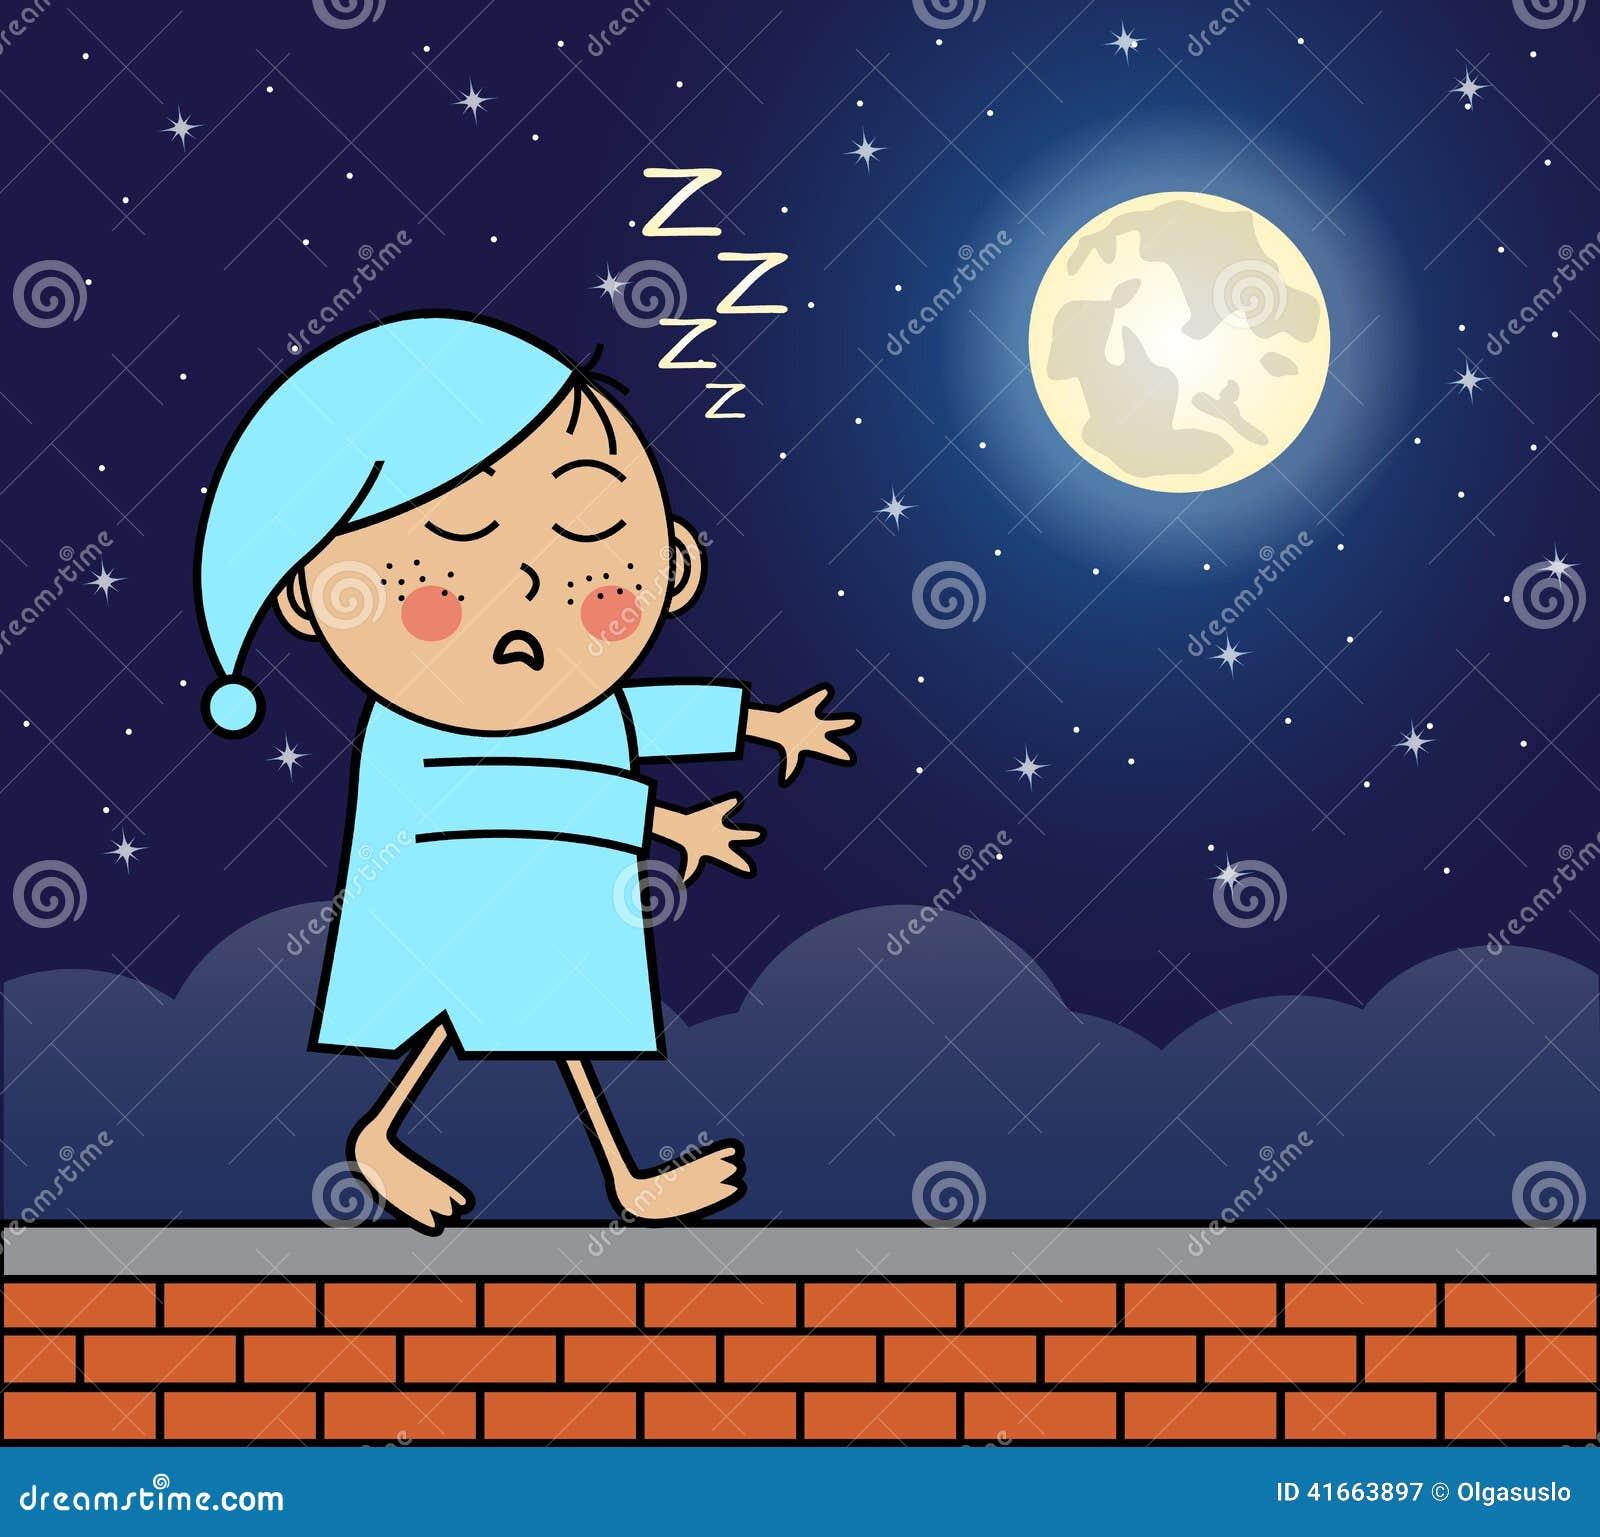 走在屋顶的梦游病者图片